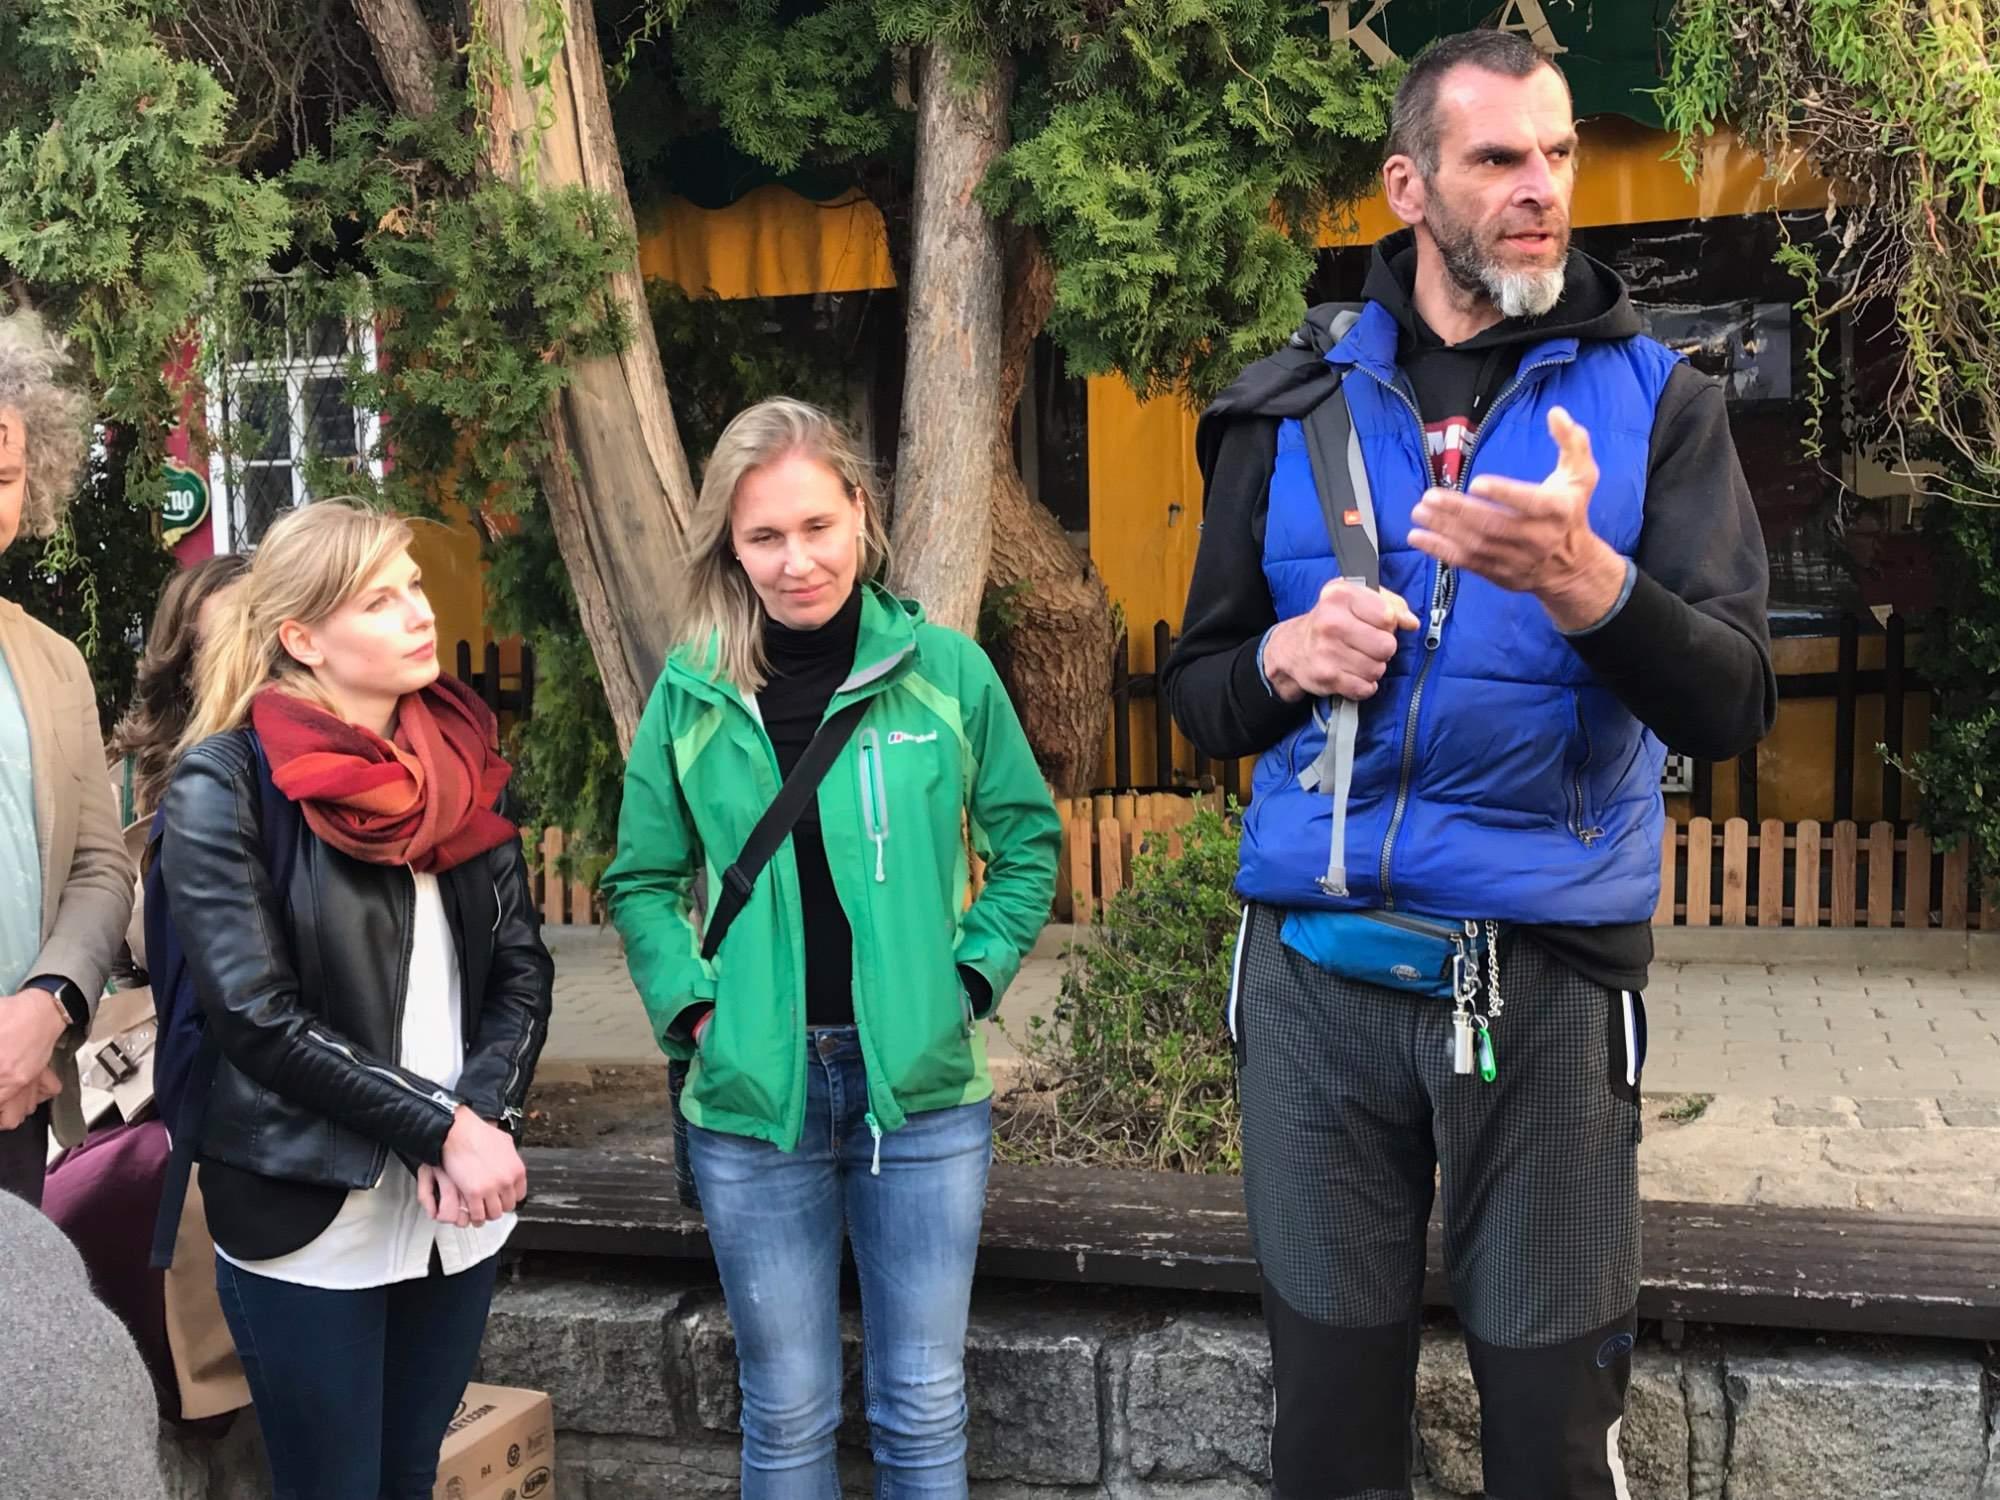 Průvodce Jiří s organizátorkami projektu. Foto: Vendula Kocandová